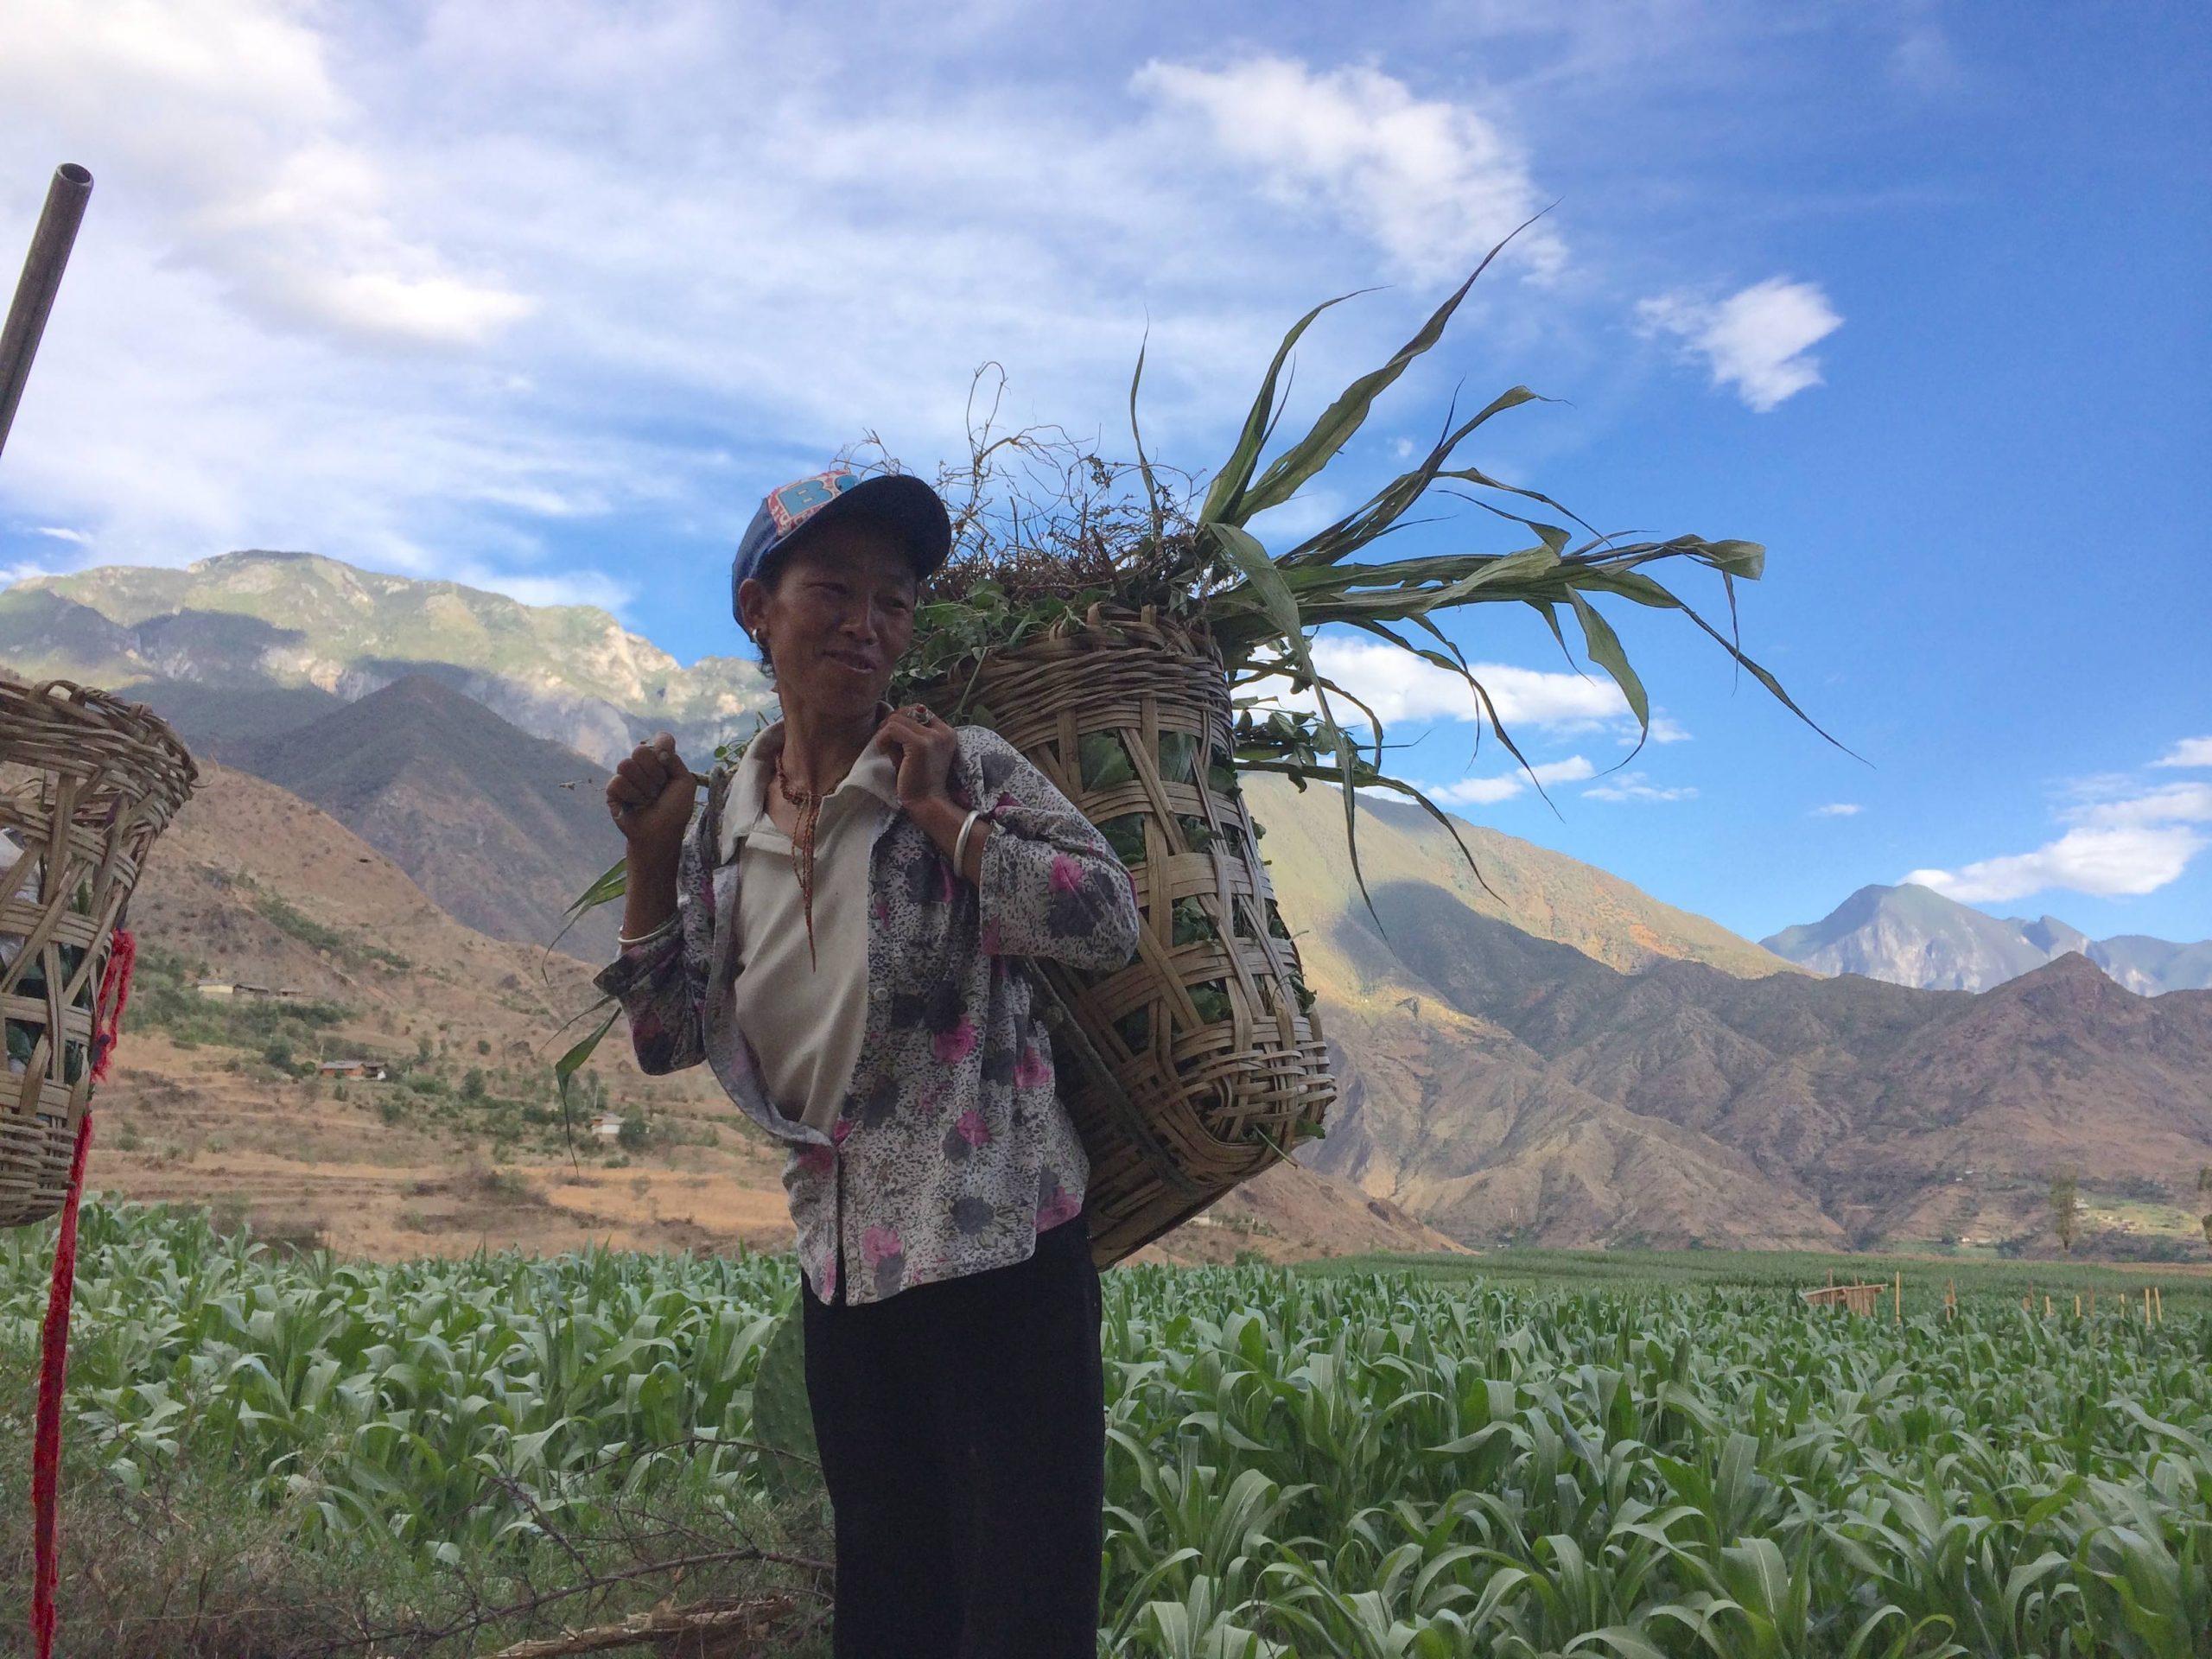 雲南省モソ人の女性の農民 貧しい暮らしを支える厳しい農業